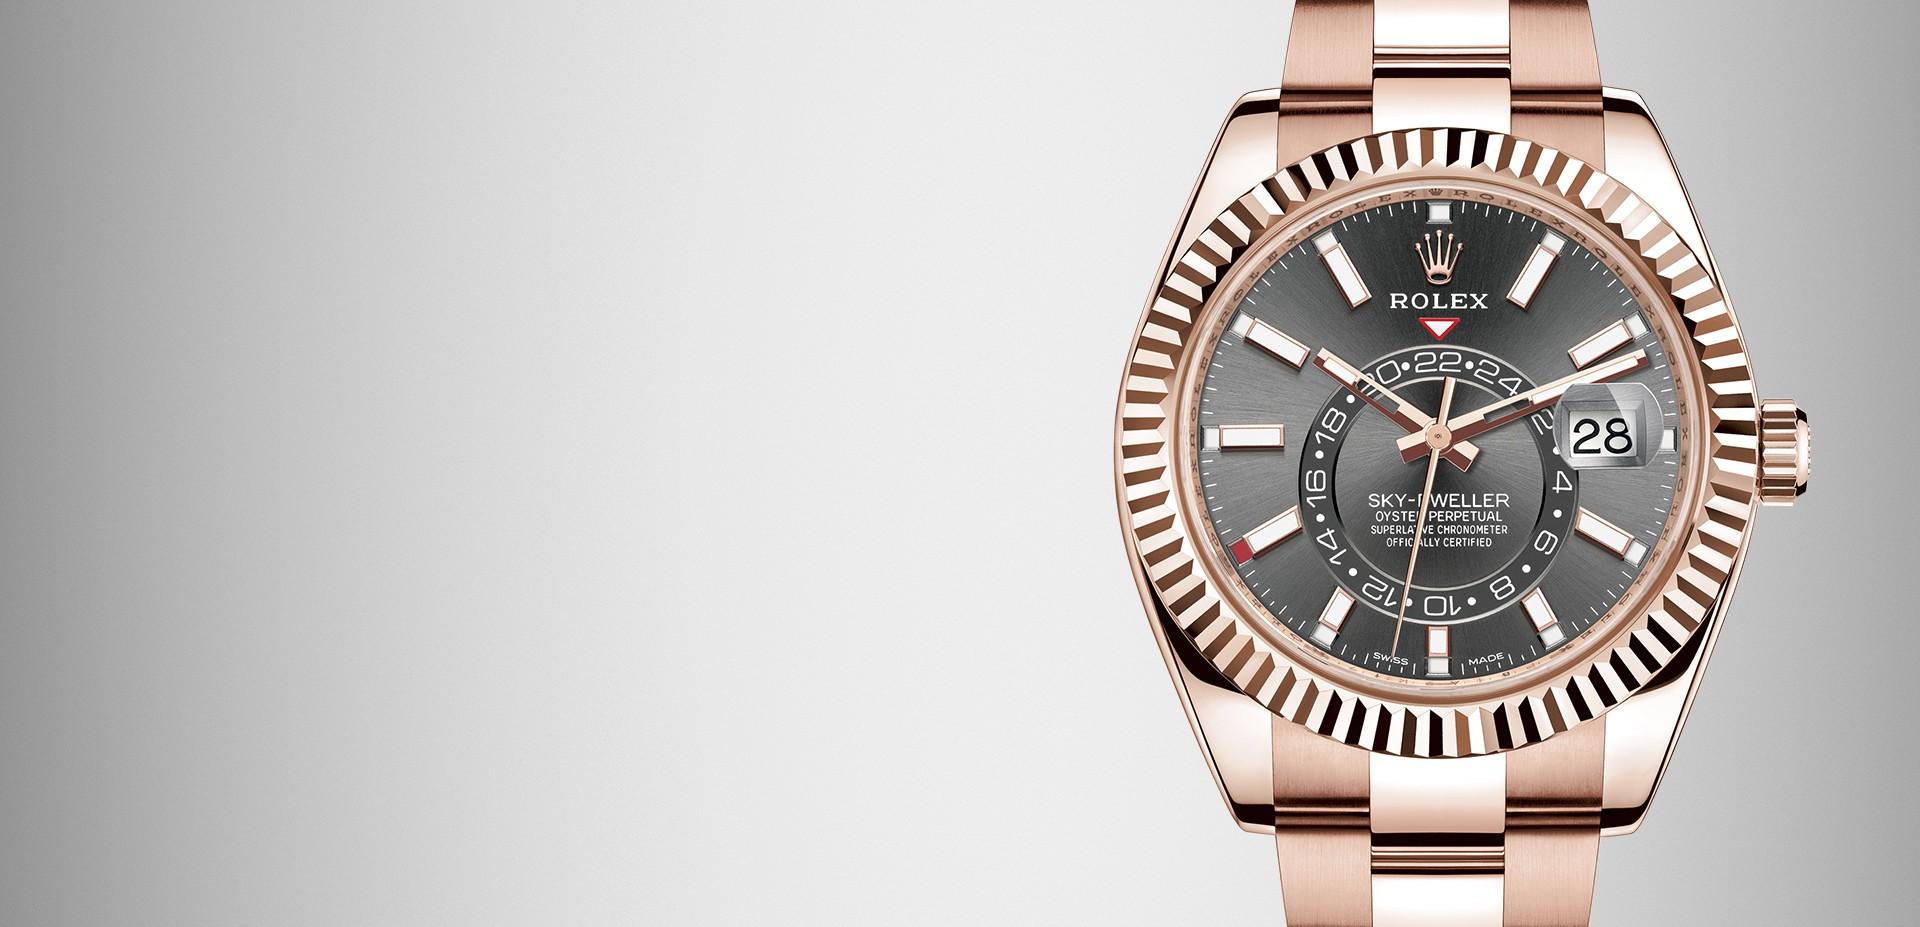 Rolex - Official Rolex Retailer - Rolex Luxembourg - Rolex Luxury Watches